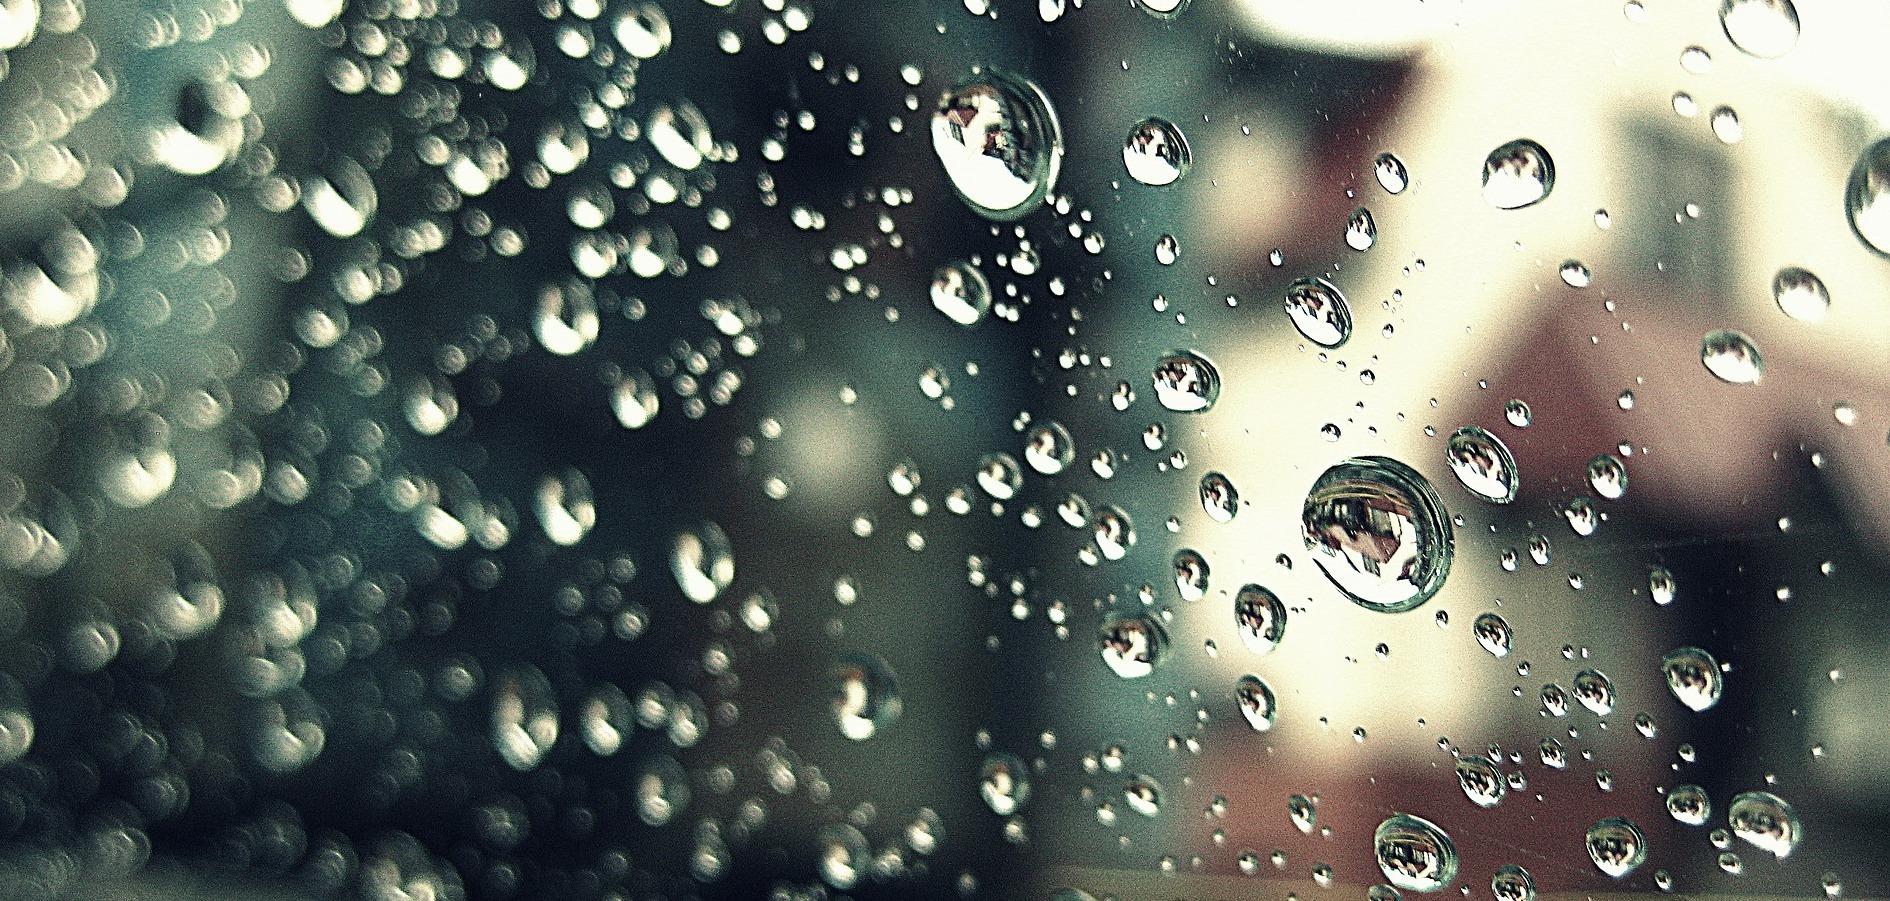 drops-427167_1920